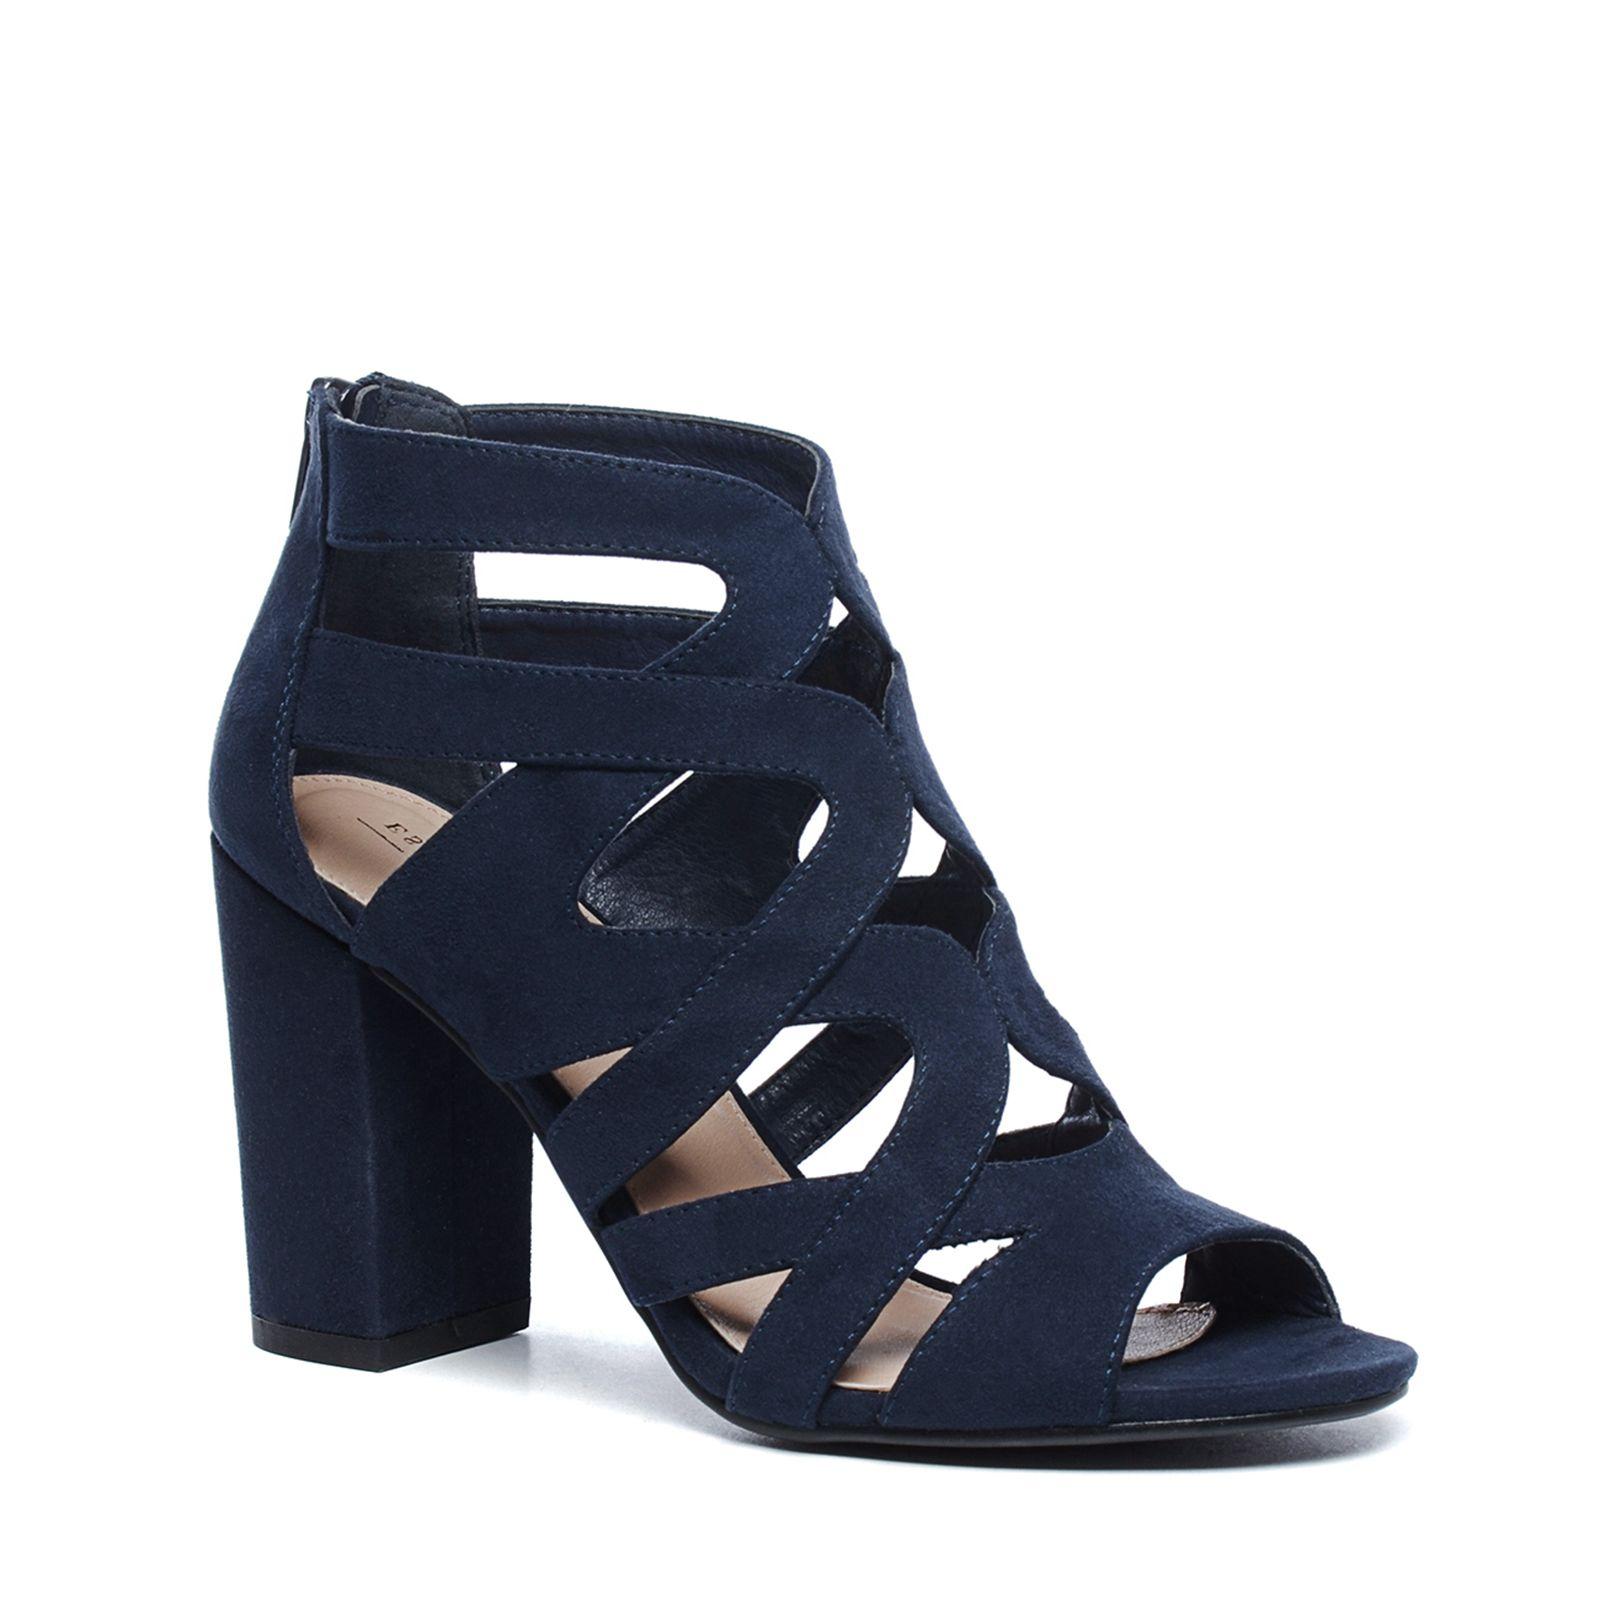 Sandales synthétique ajourées avec talon bleu foncé